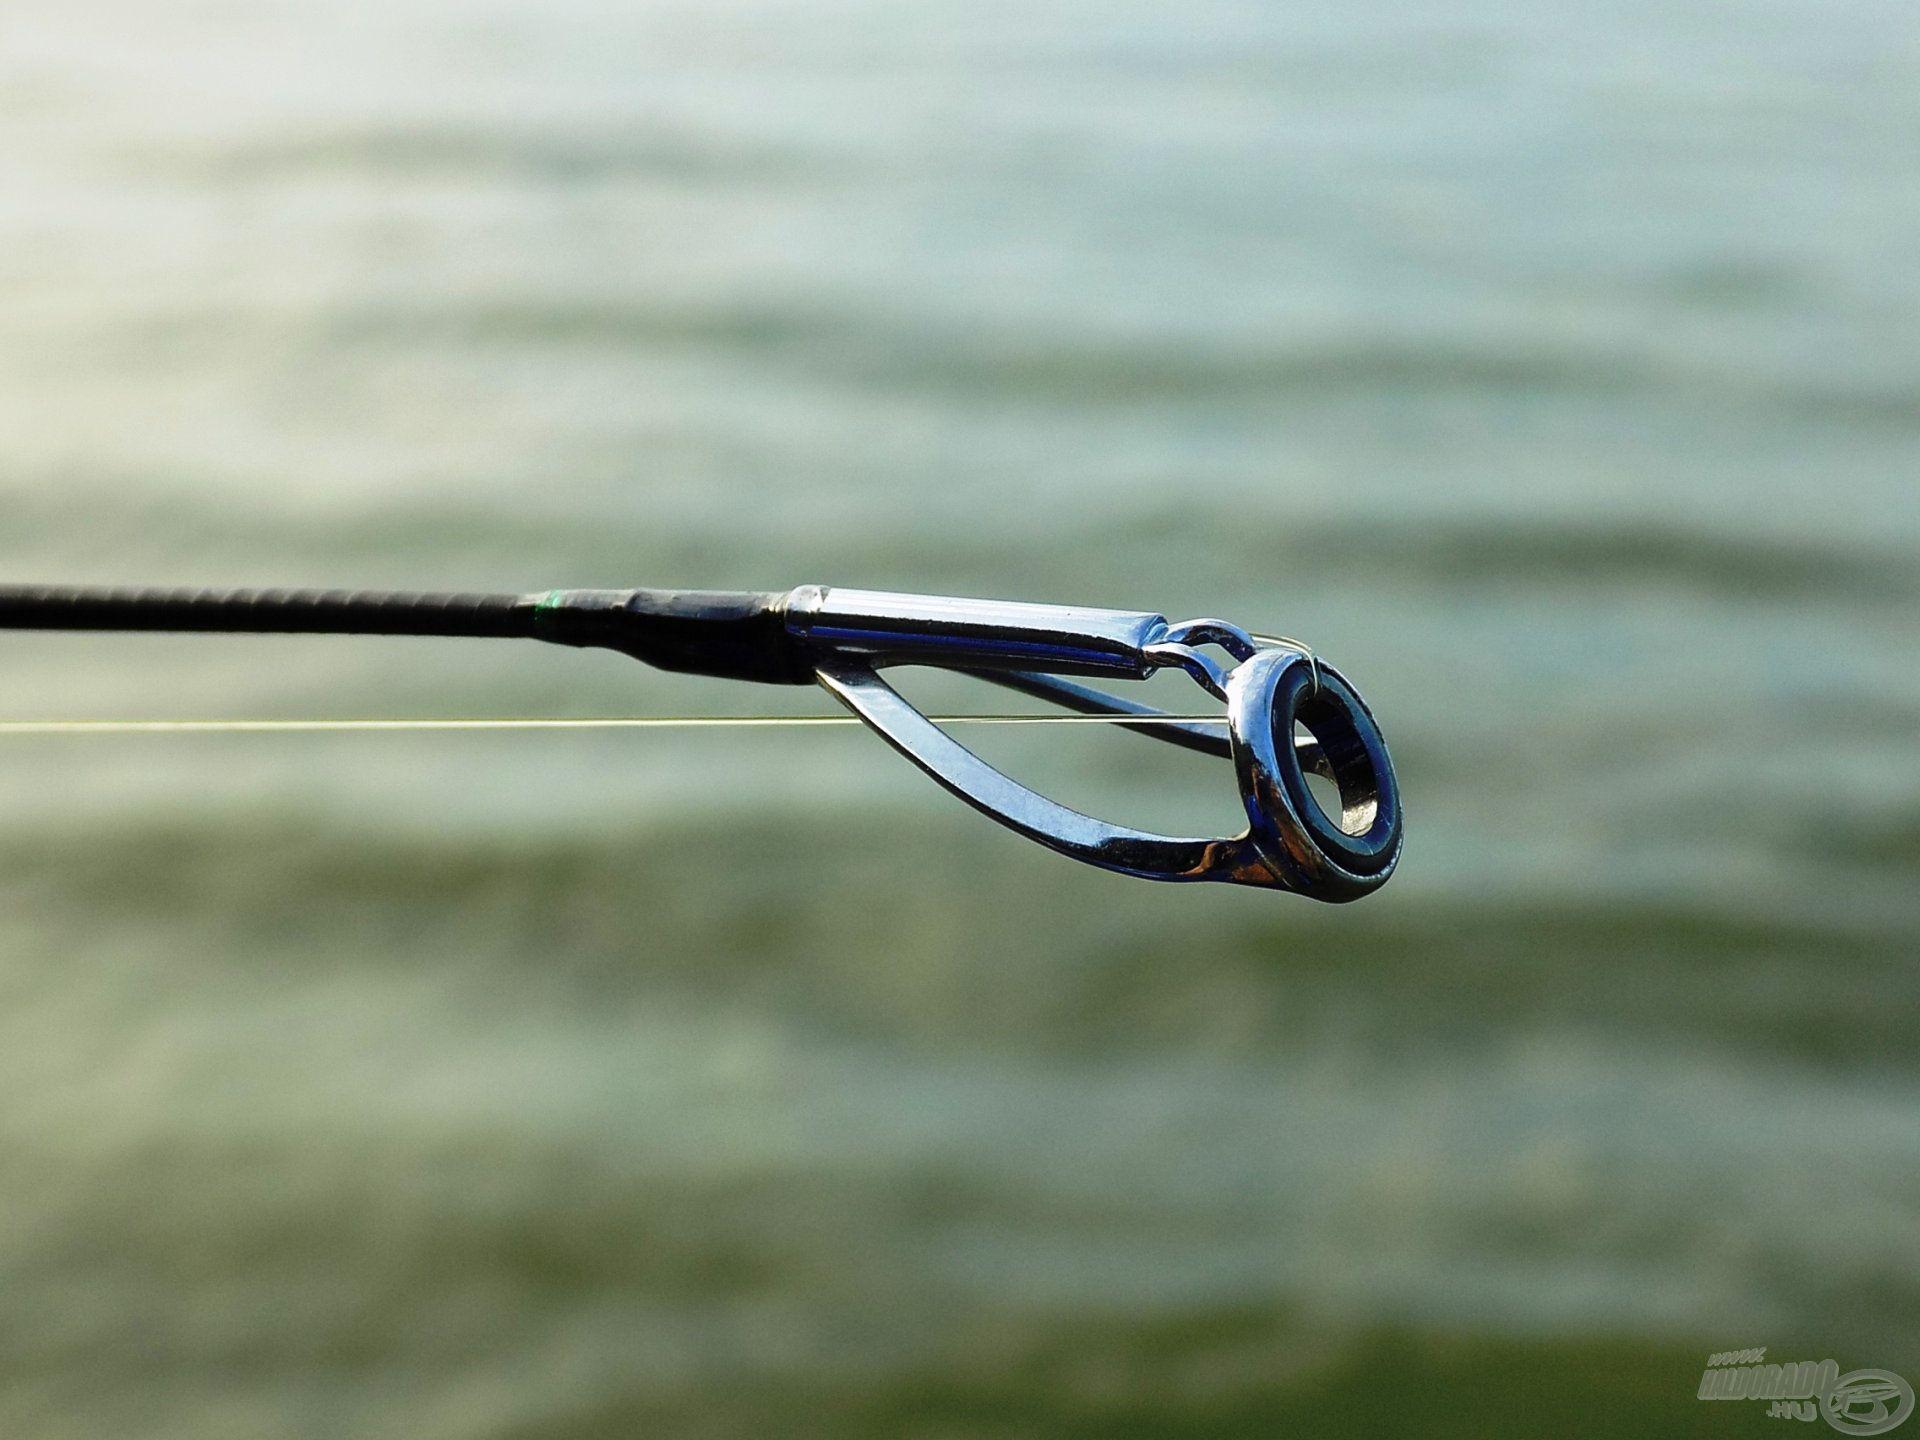 A bothoz és a felhasználás jellegéhez optimalizált SiC spiccgyűrű